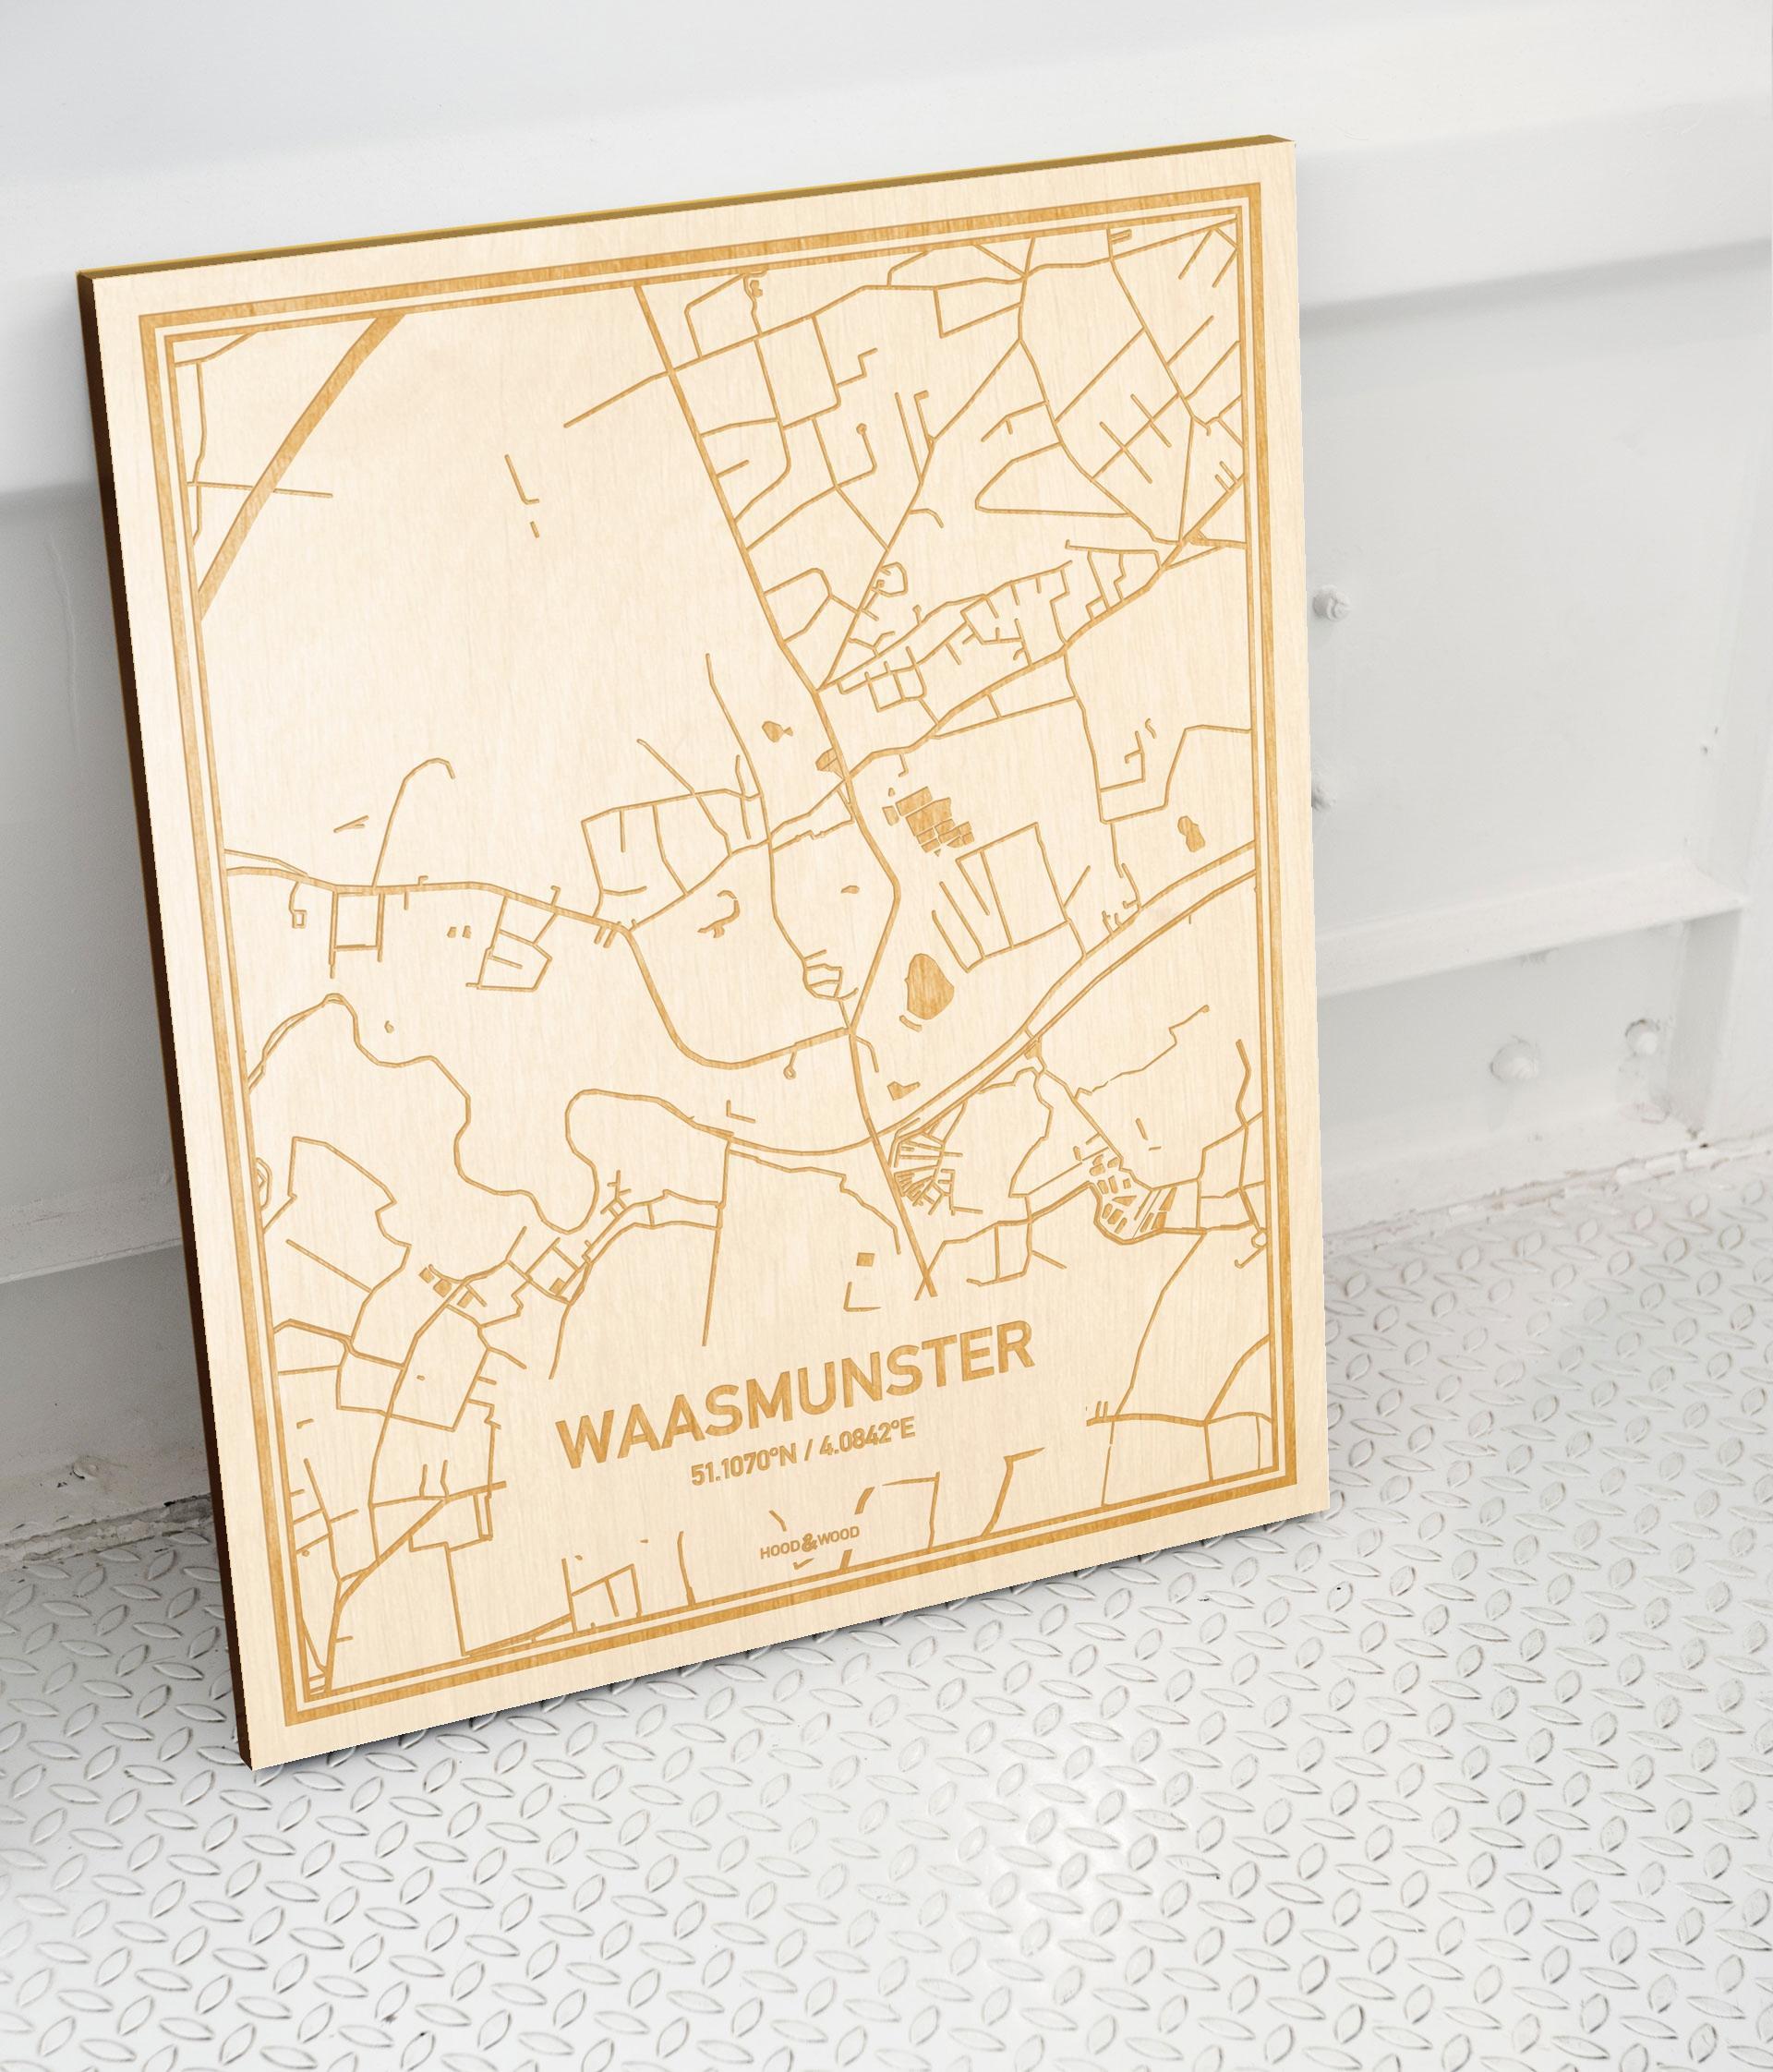 Plattegrond Waasmunster als prachtige houten wanddecoratie. Het warme hout contrasteert mooi met de witte muur.